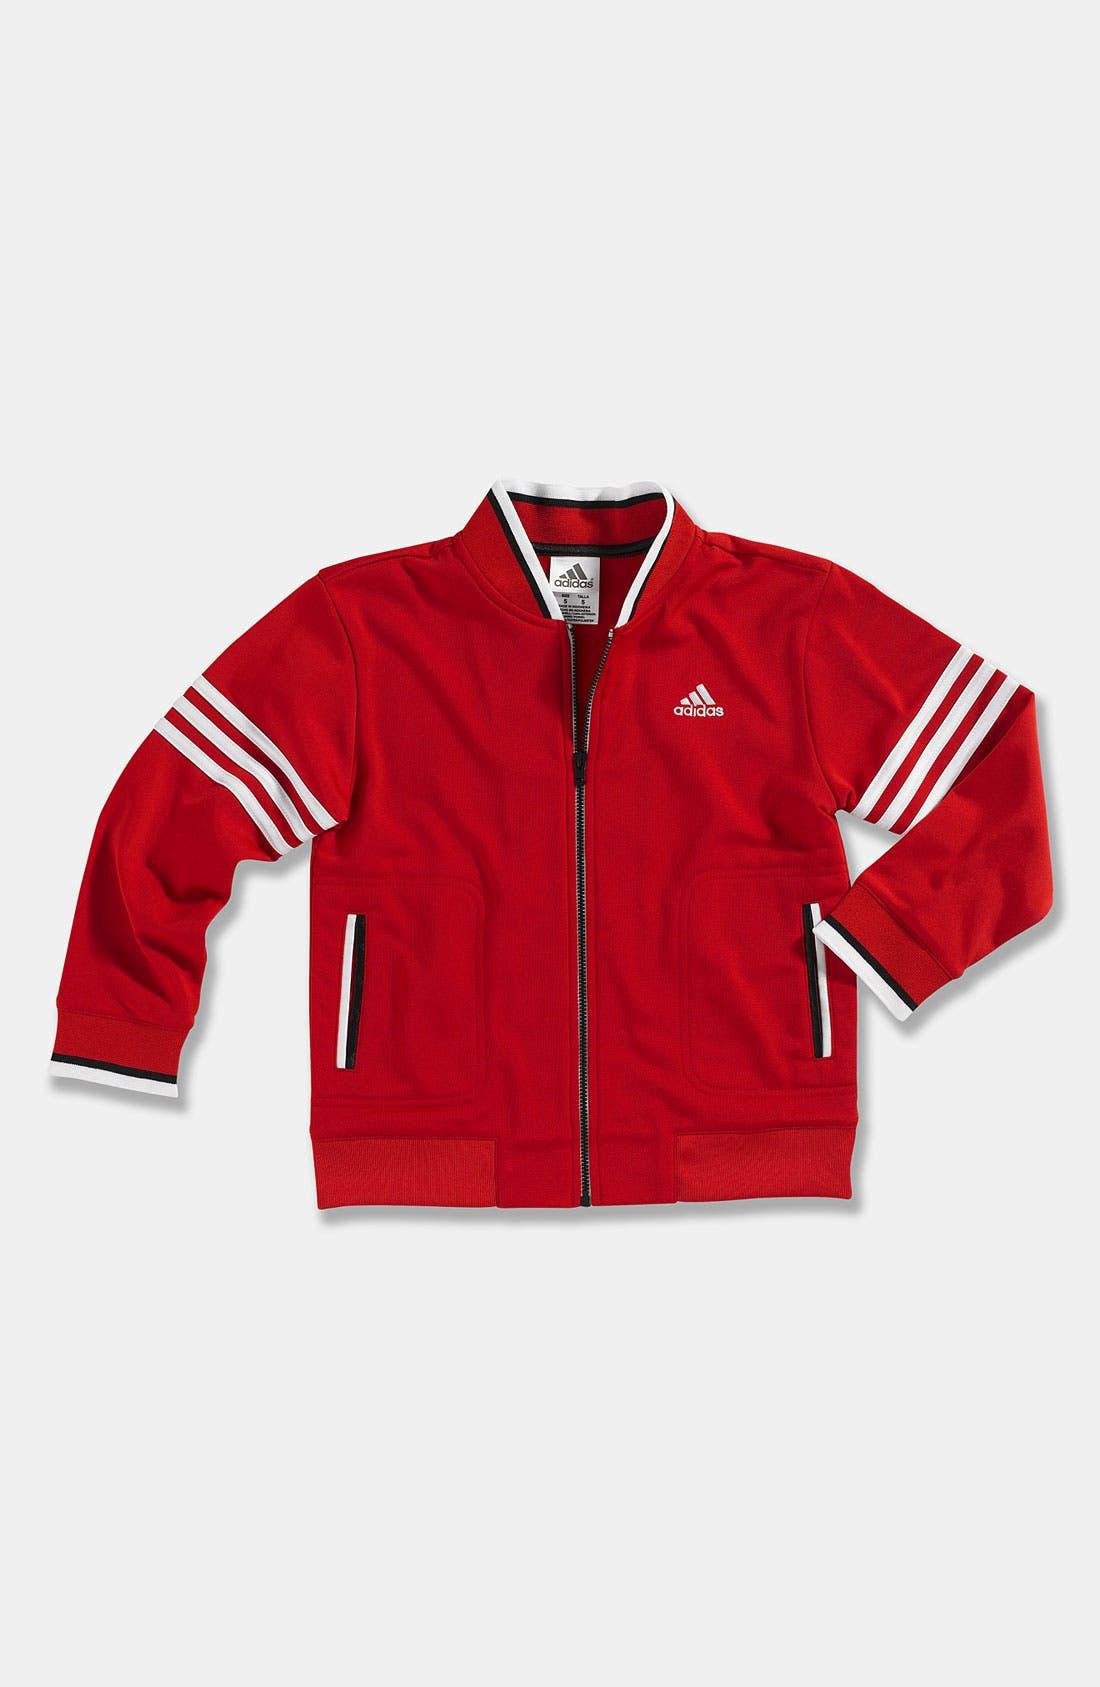 Alternate Image 1 Selected - adidas 'Team' Jacket (Little Boys)